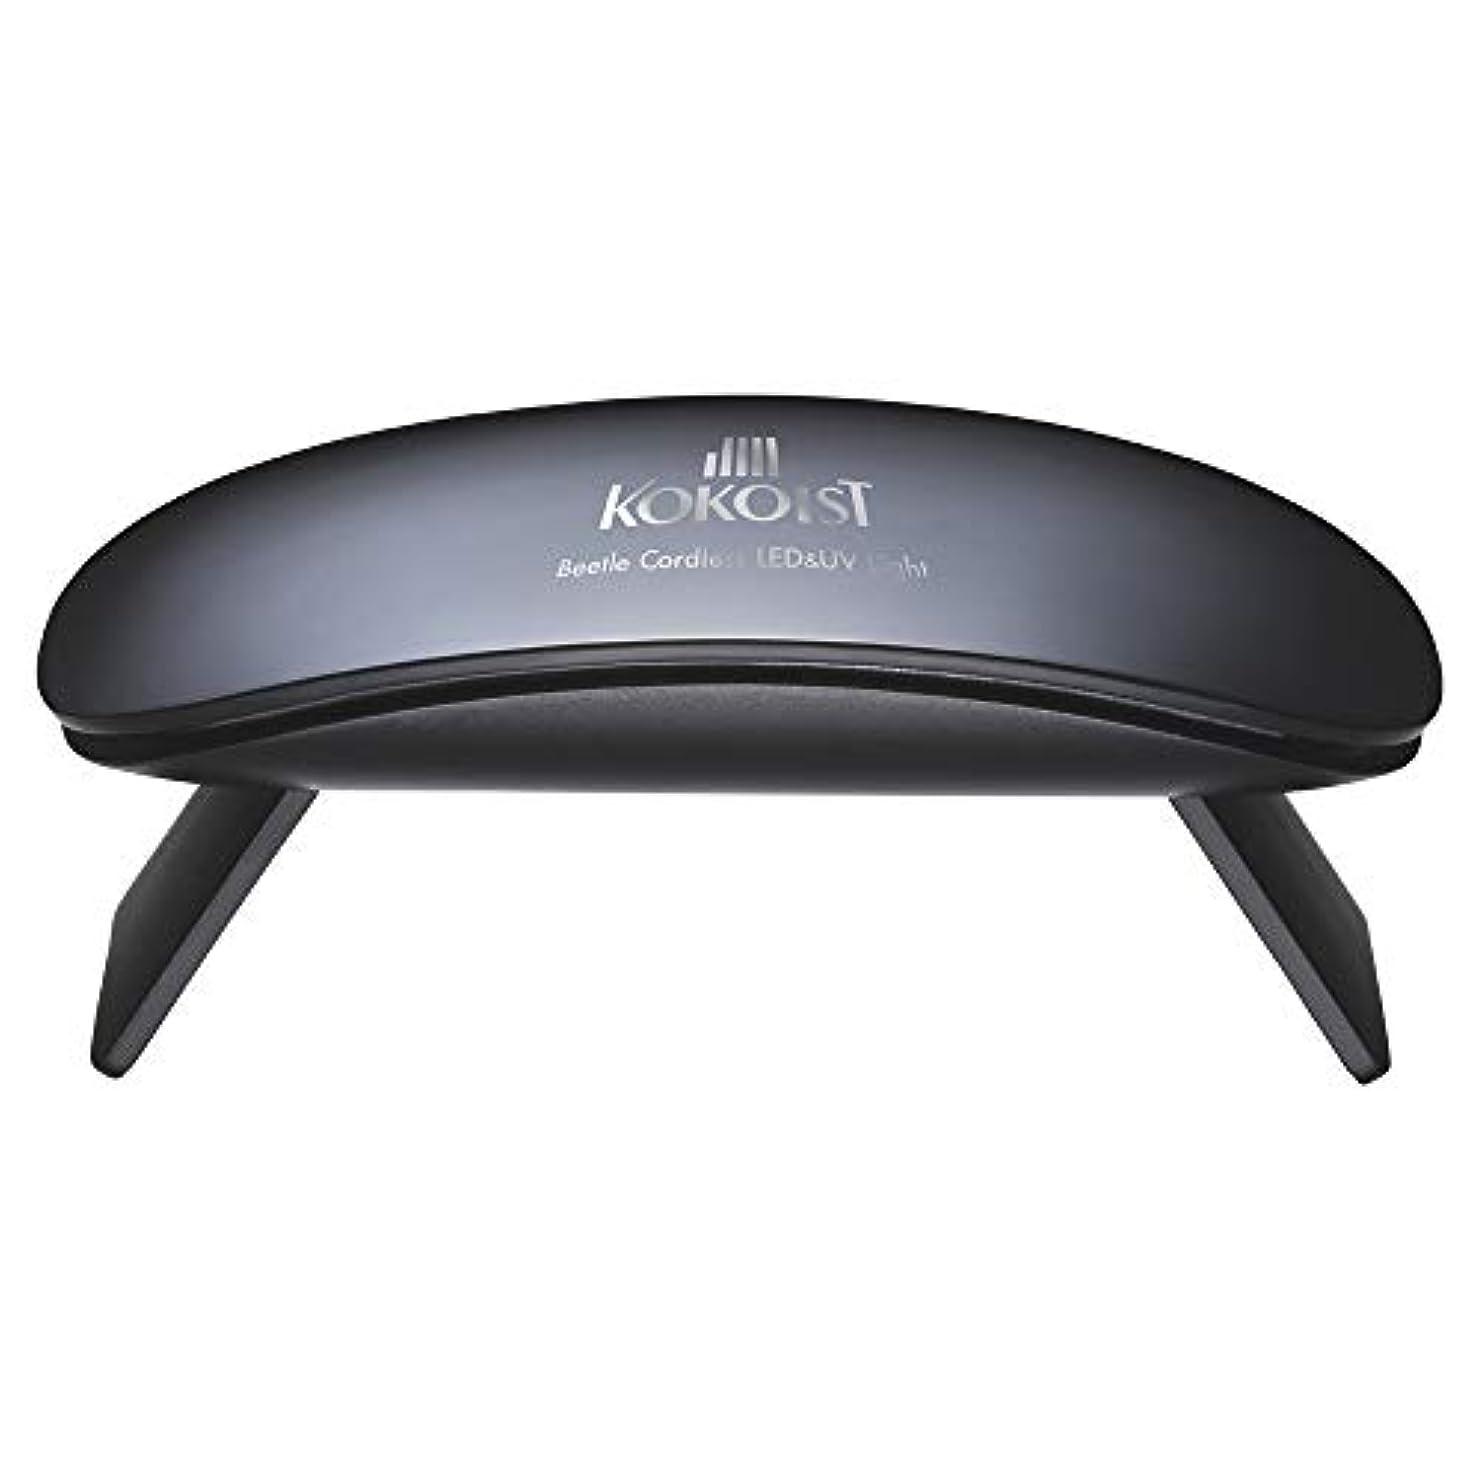 バンドル化合物非武装化ココイスト KOKOIST BeetleコードレスLED&UVライト 9W セット 本体+USBコード